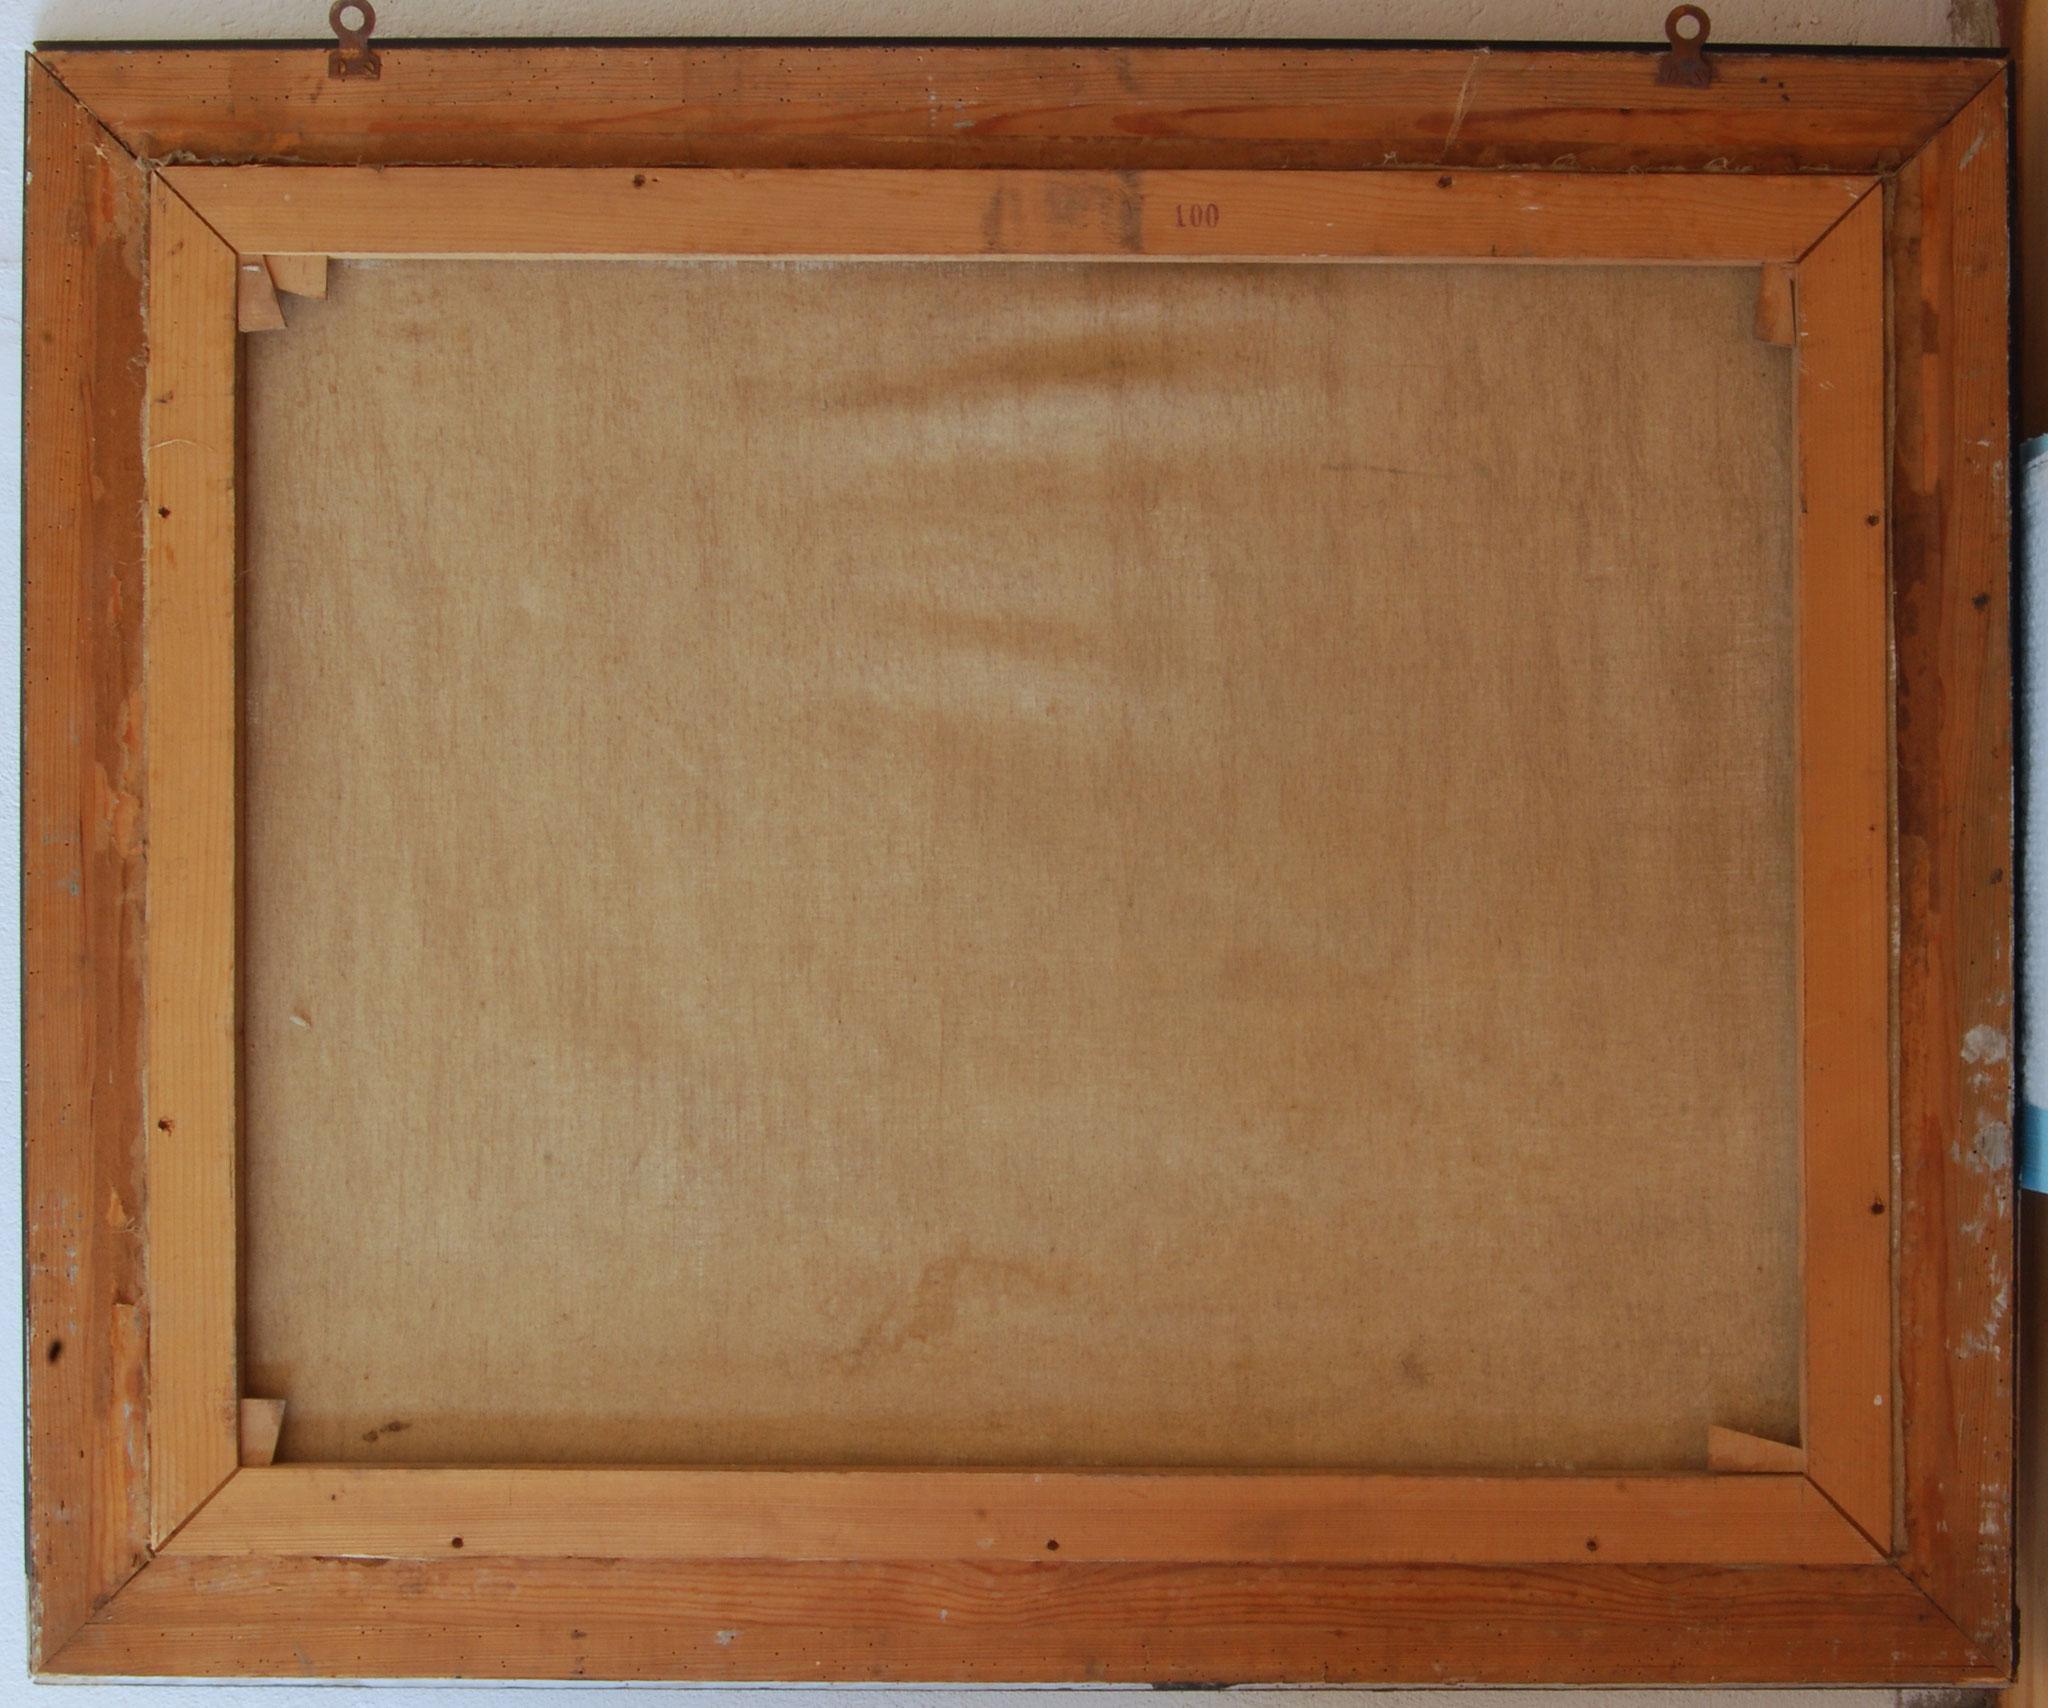 Rückseite des Gemäldes